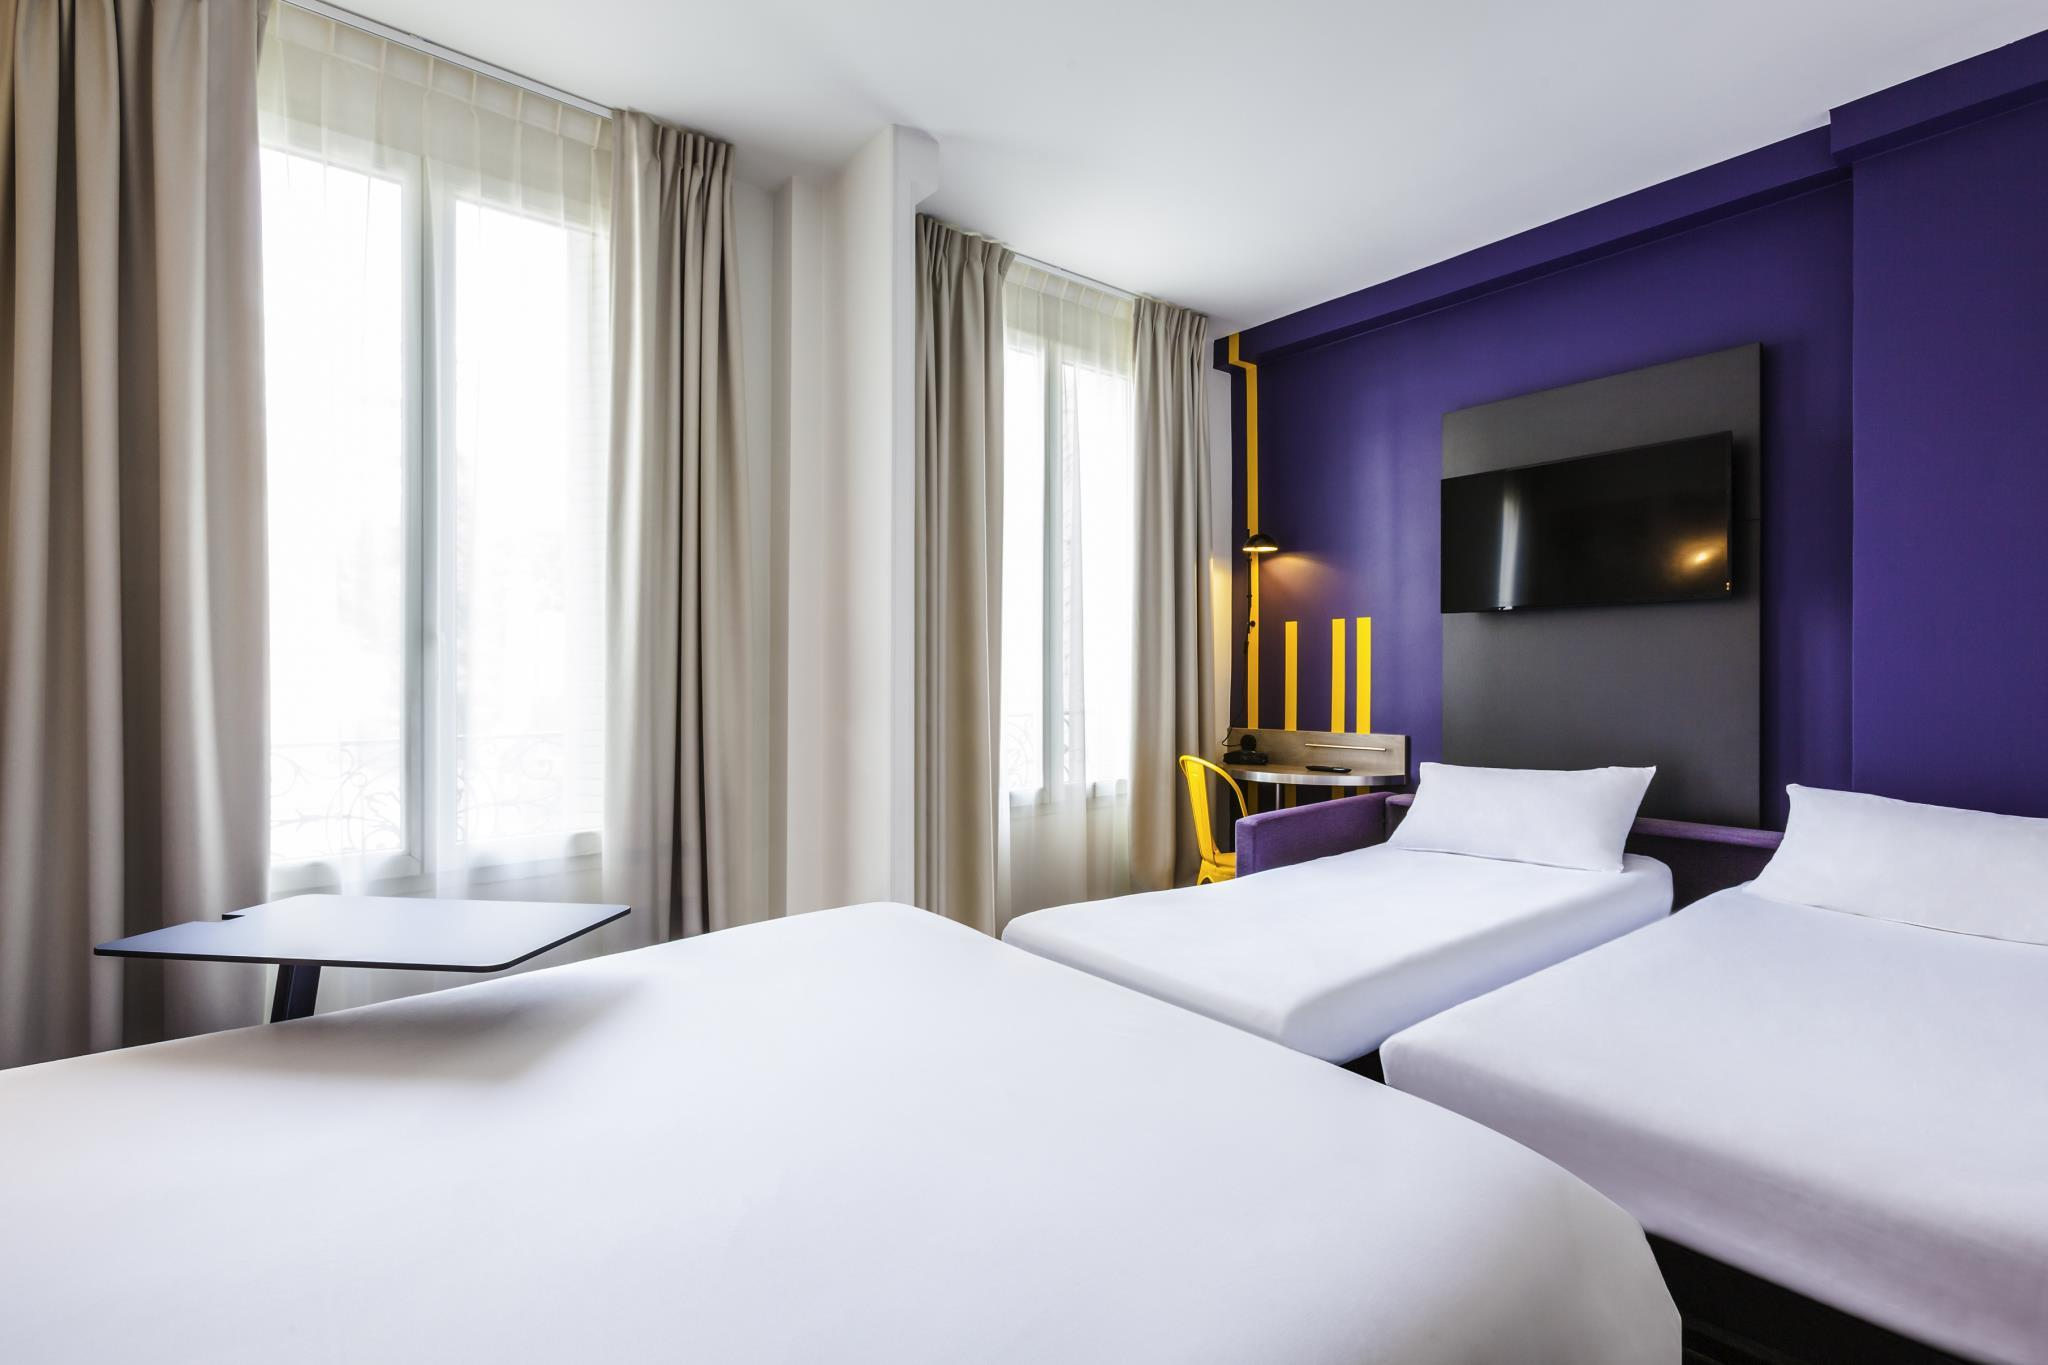 Hotel Ziva ResidenceLuxury 3 BR Seminyak - BaliIndonesia Bali 80361 Indonesia - Bali